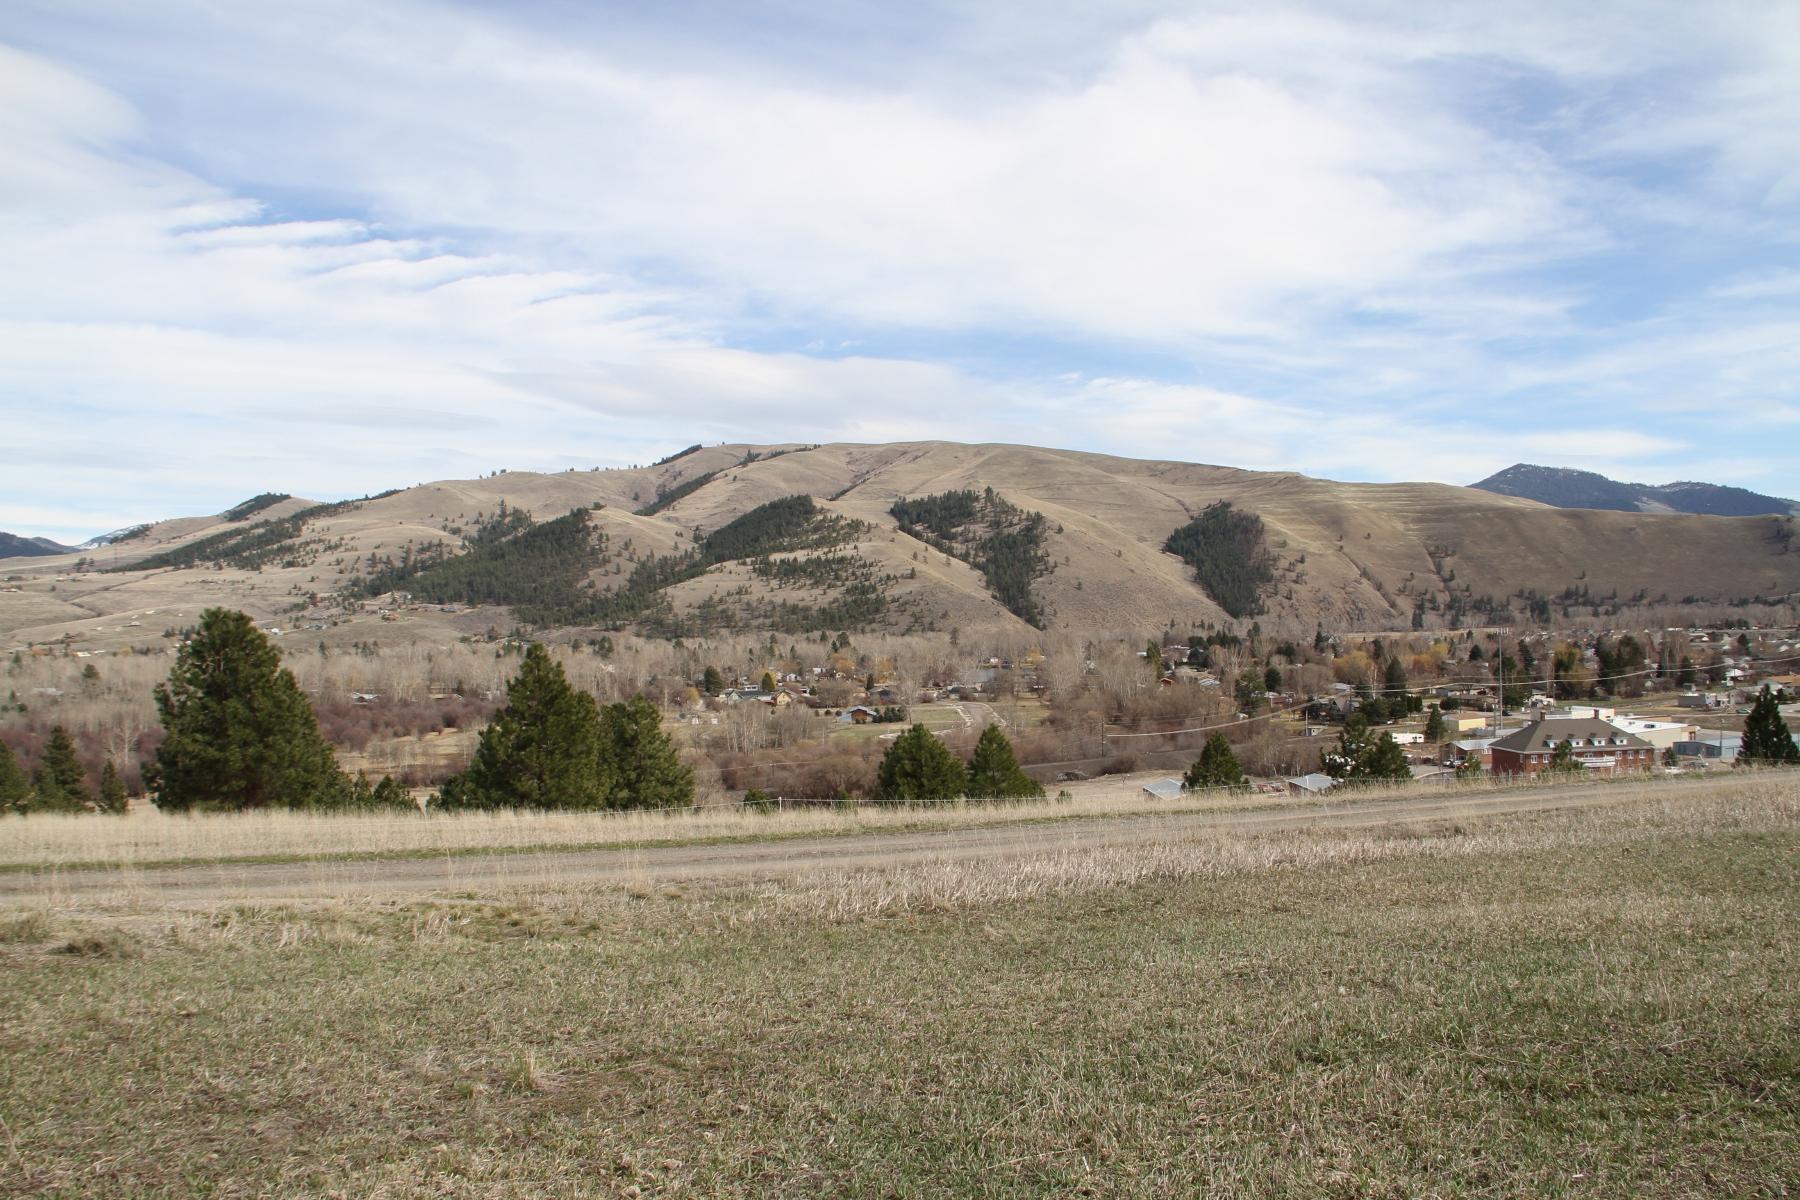 Terreno por un Venta en Ponderosa Heights Lot 1 Pitch Pine Court Lolo, Montana 59847 Estados Unidos